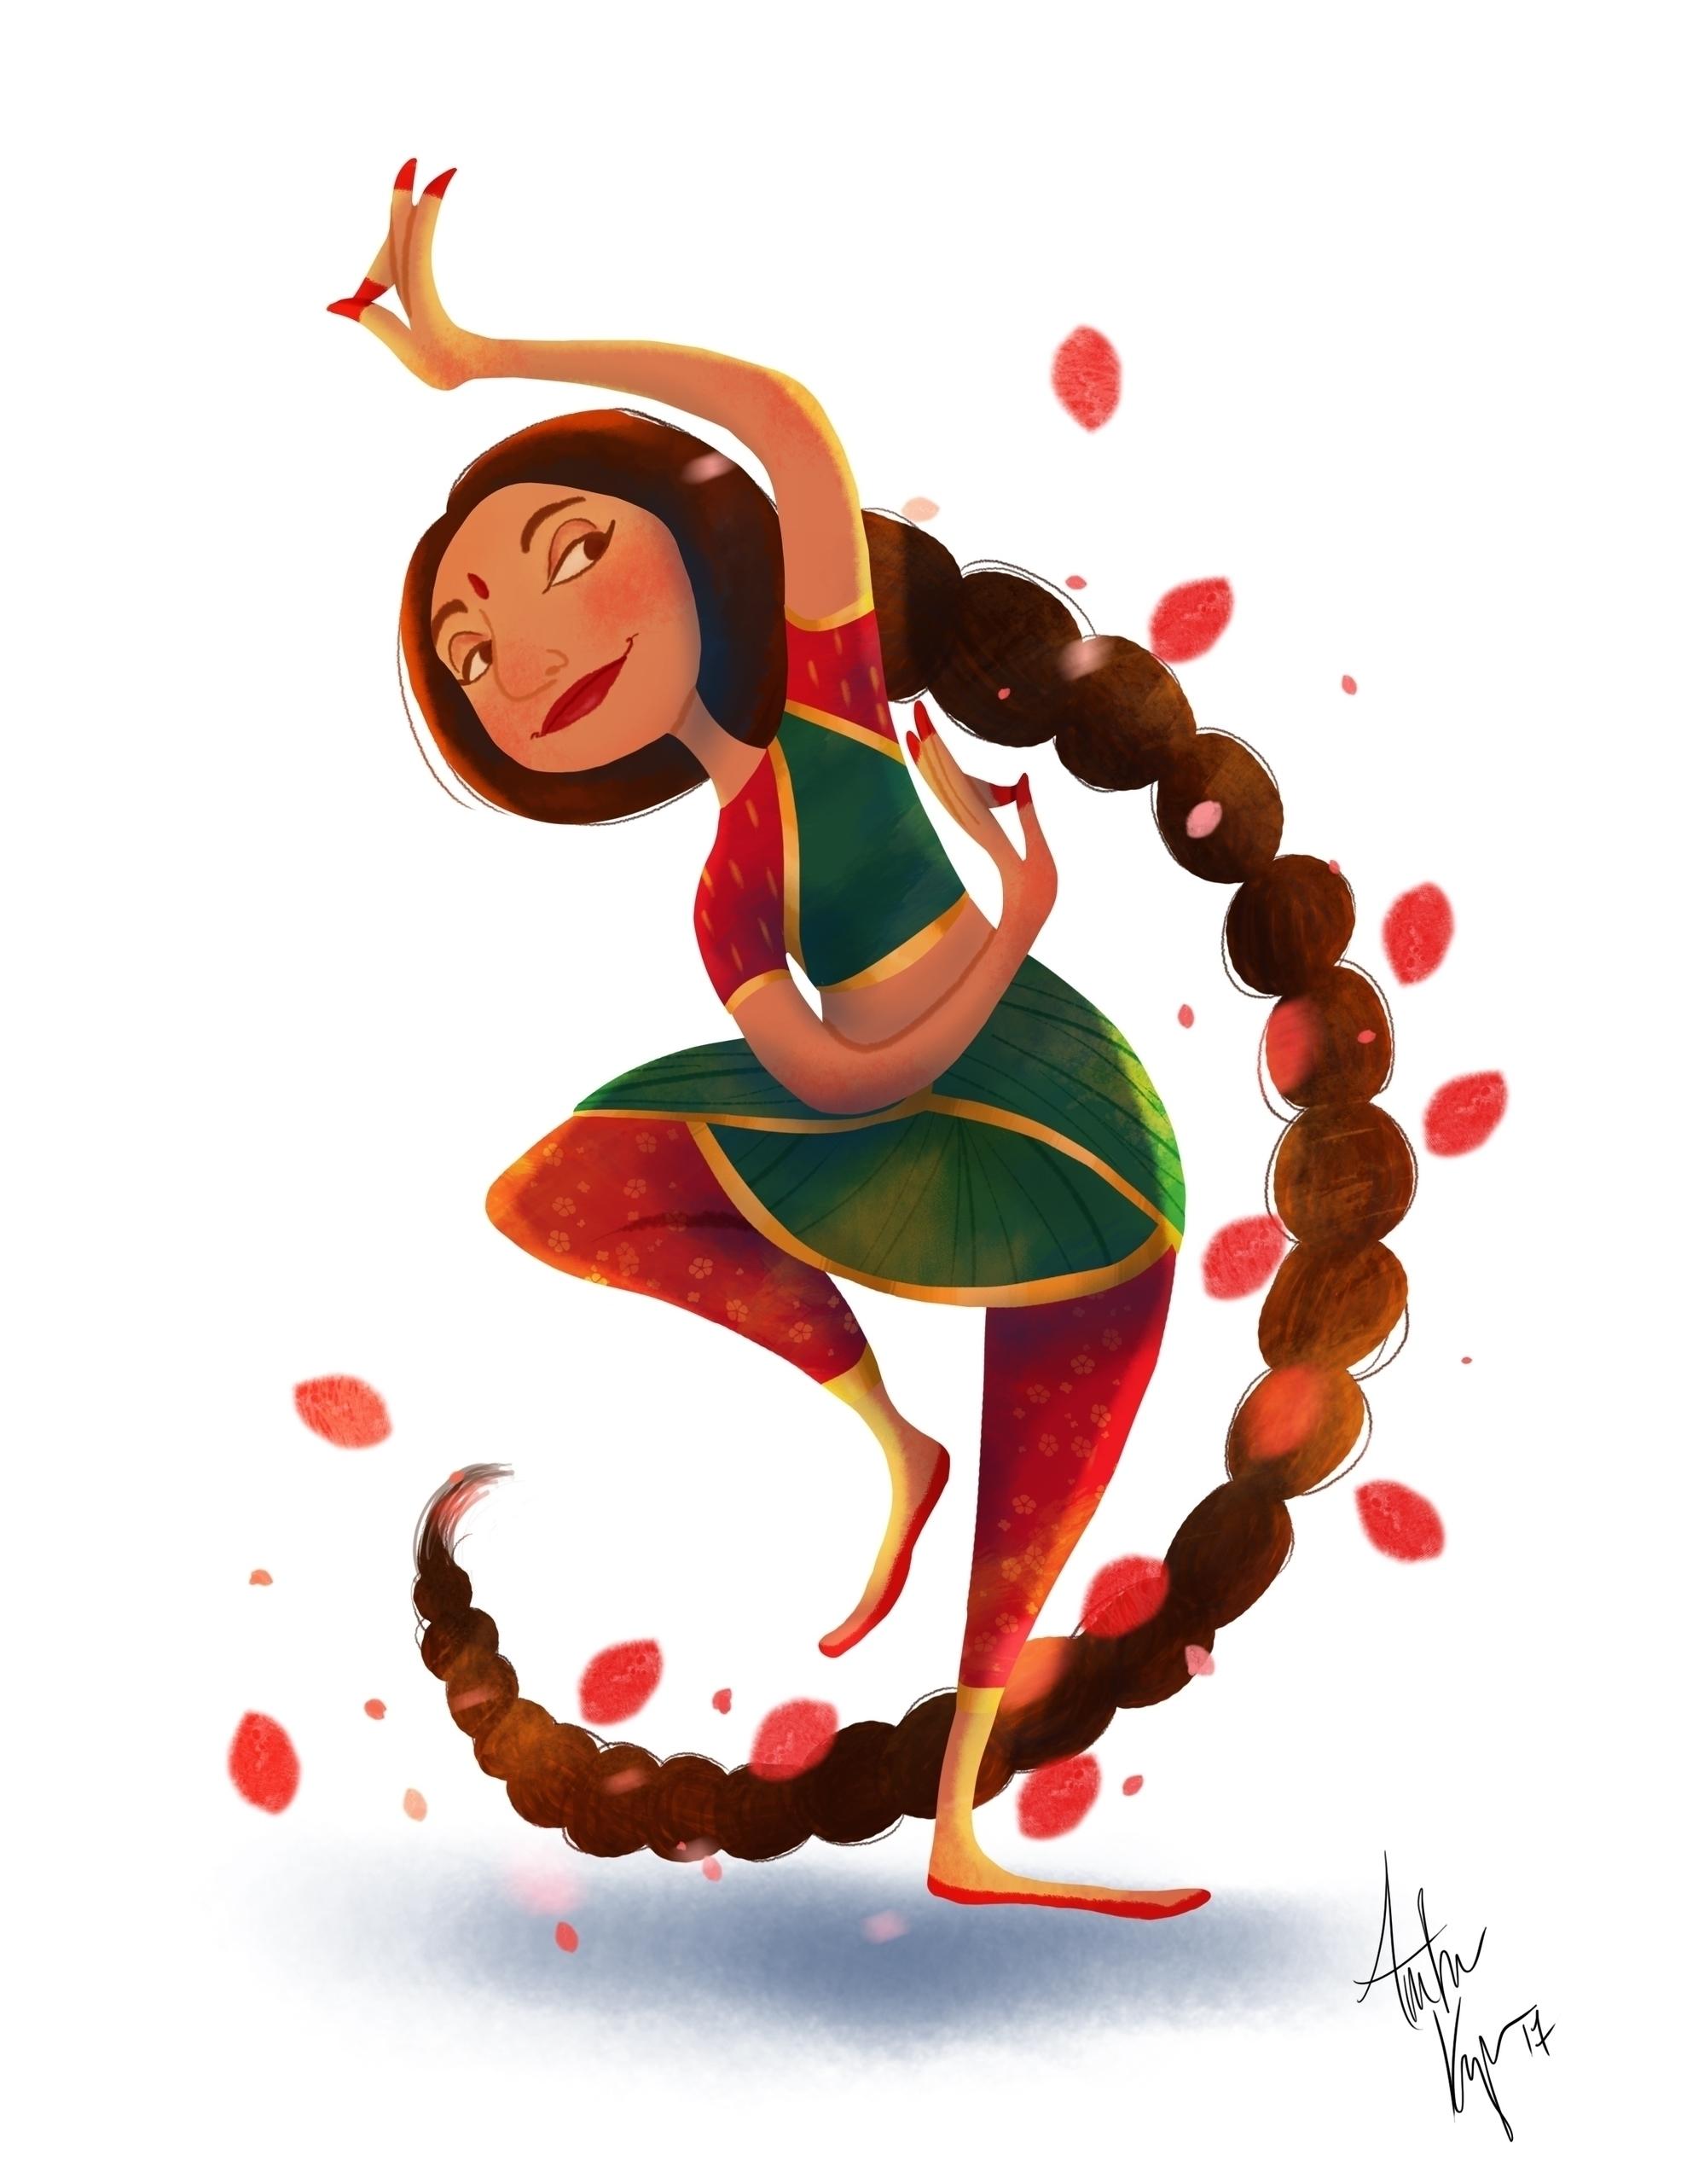 Indian Dancer - characterdesign - amberkrueger   ello